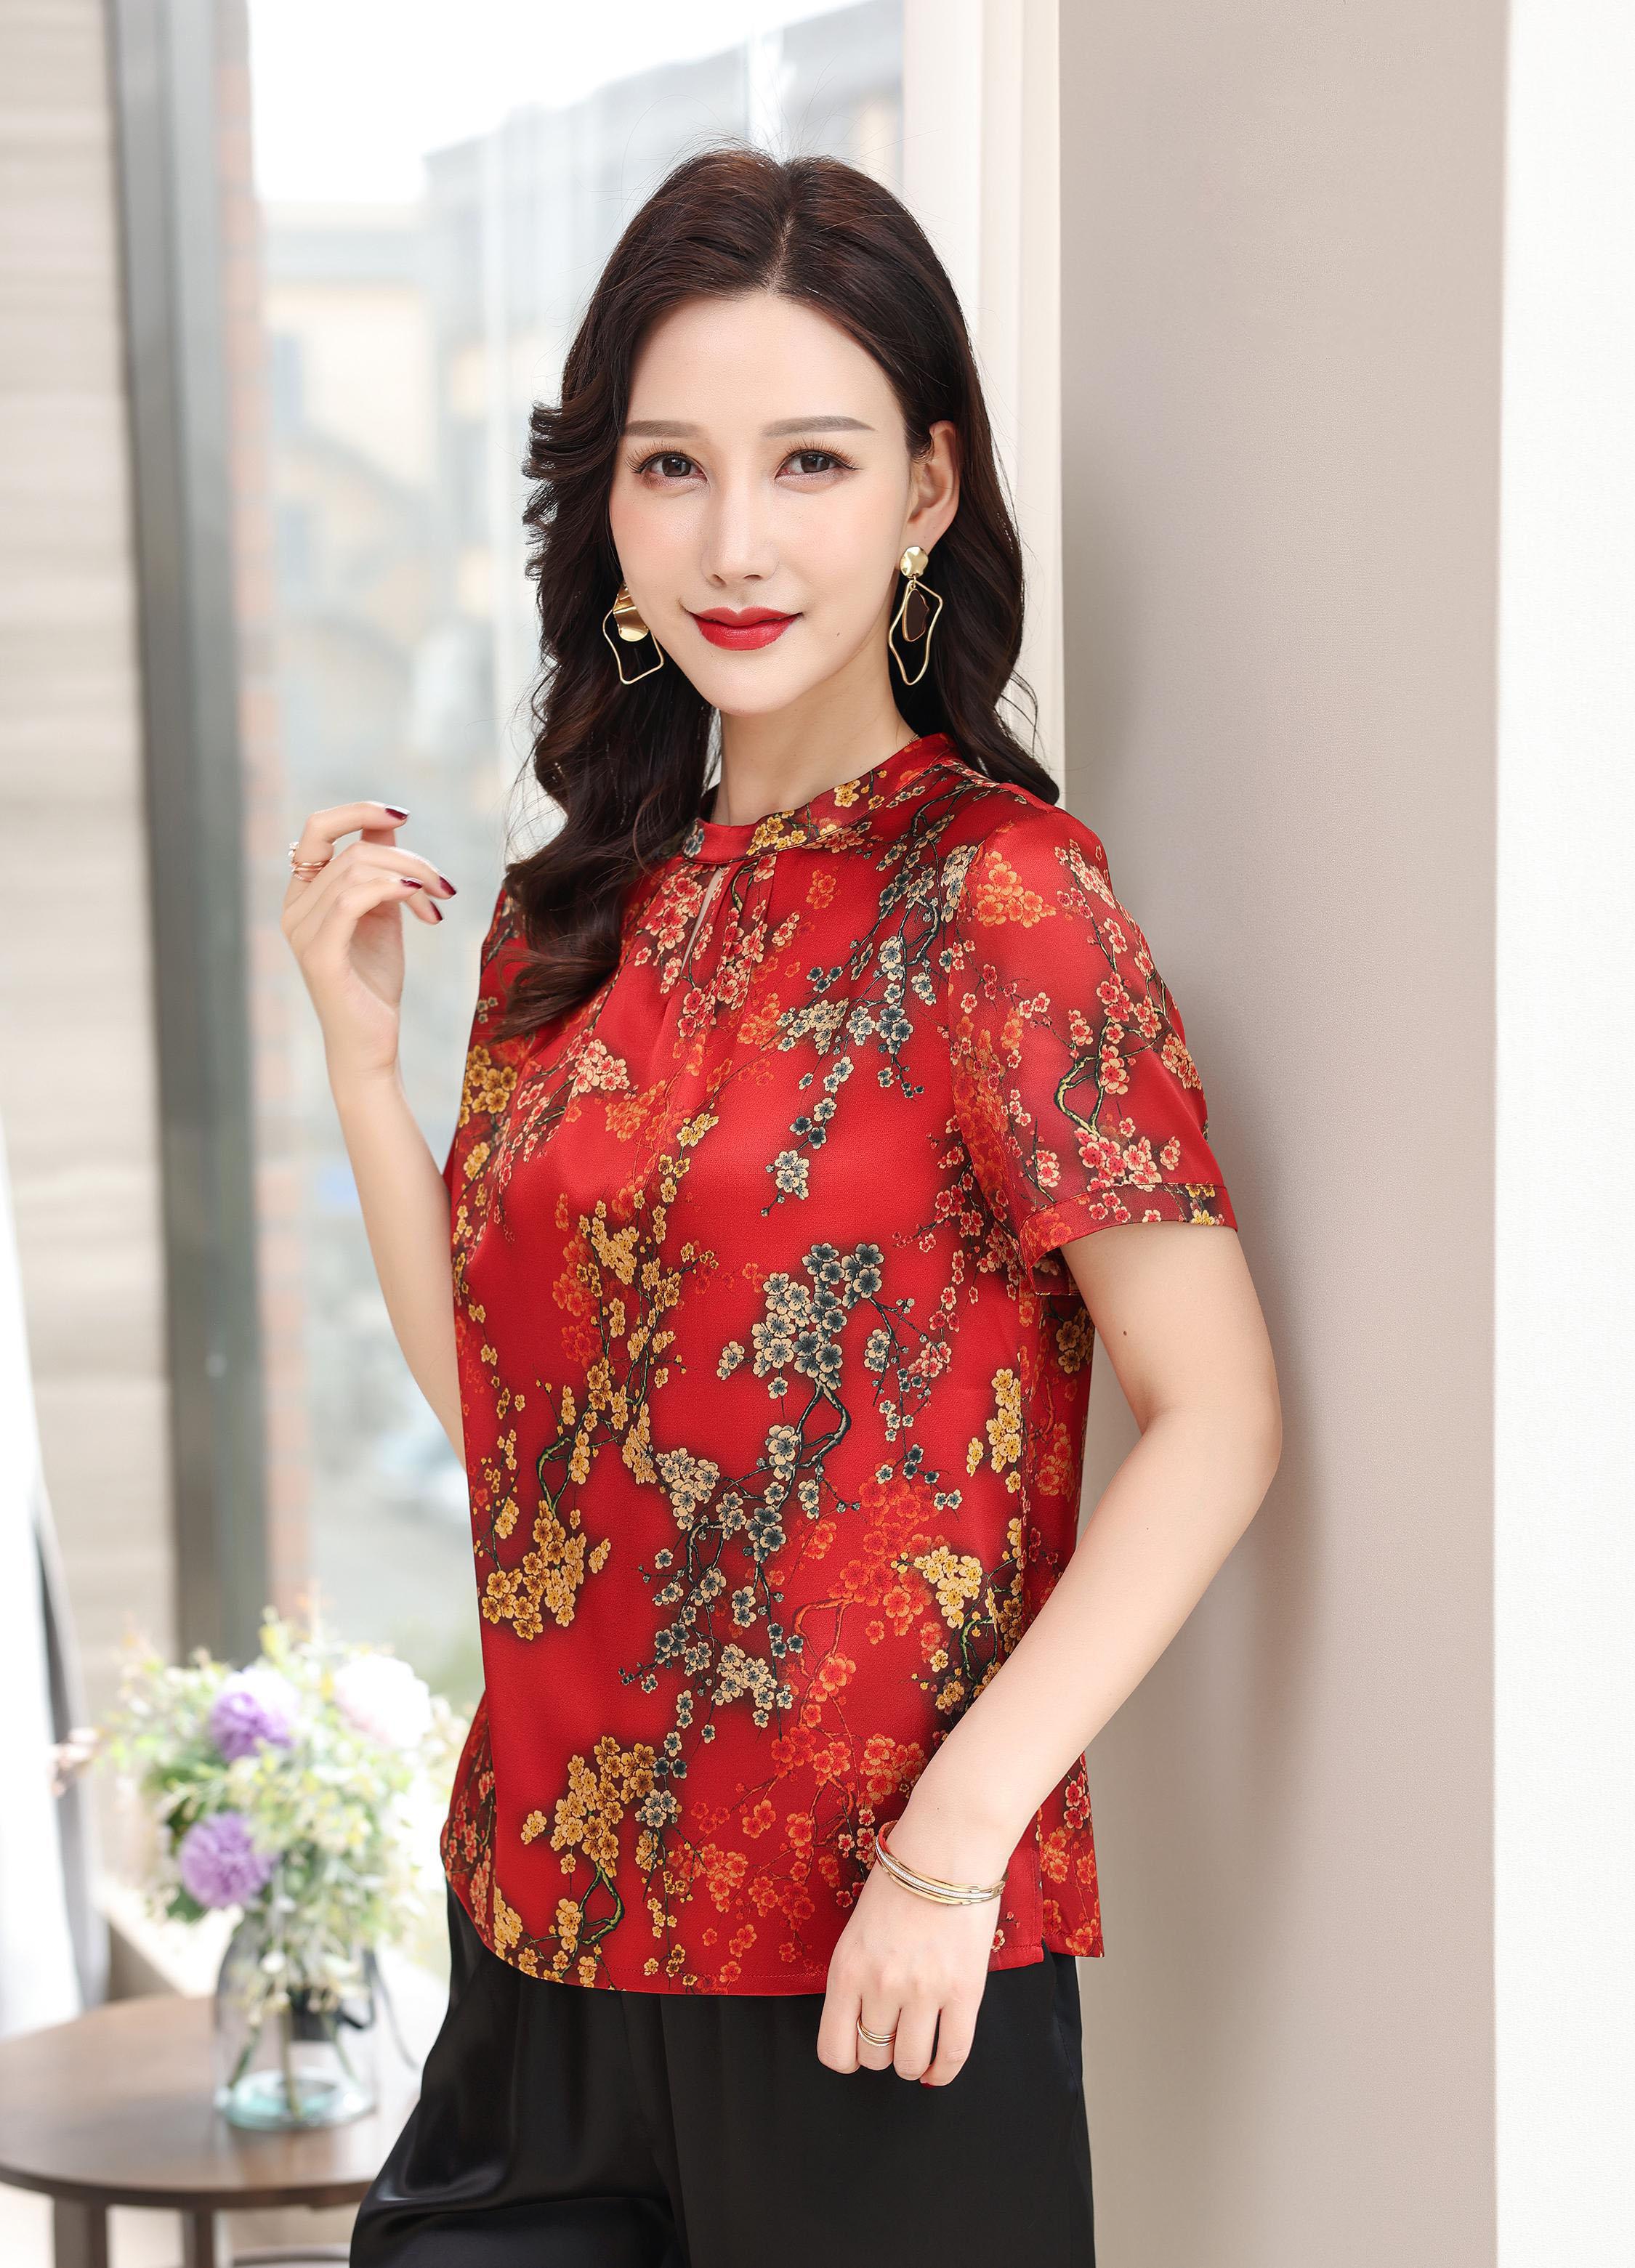 川美 桑蚕丝圆领气质女上衣(短袖) 03026D 红